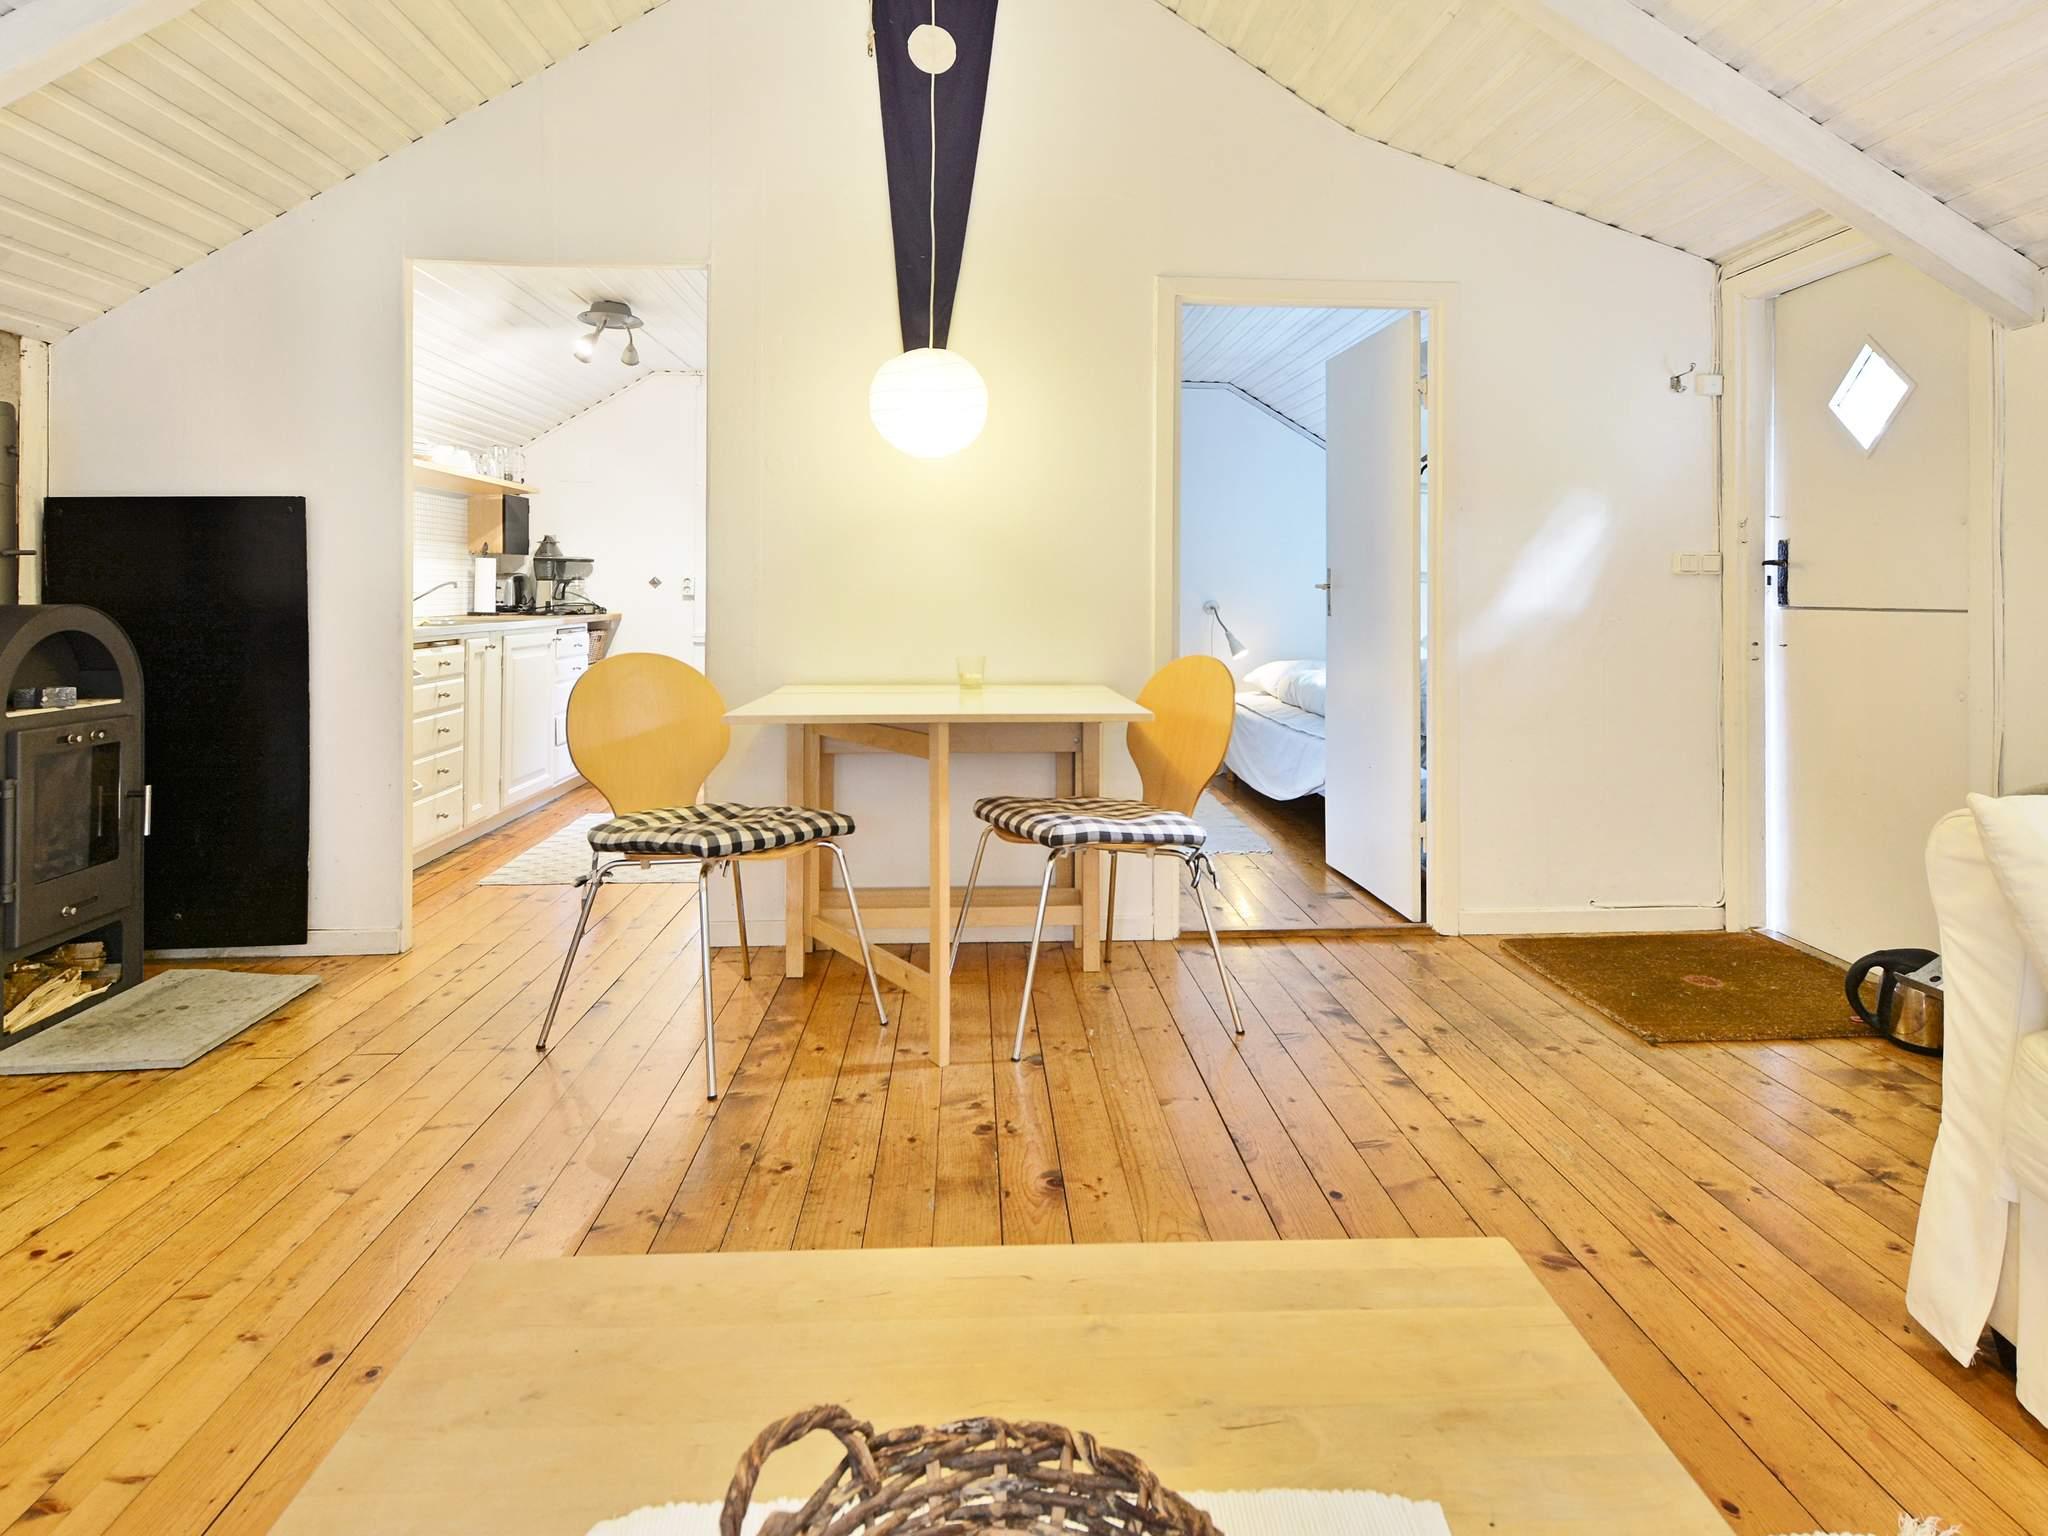 Ferienhaus Belganet (86864), Hallabro, Blekinge län, Südschweden, Schweden, Bild 5